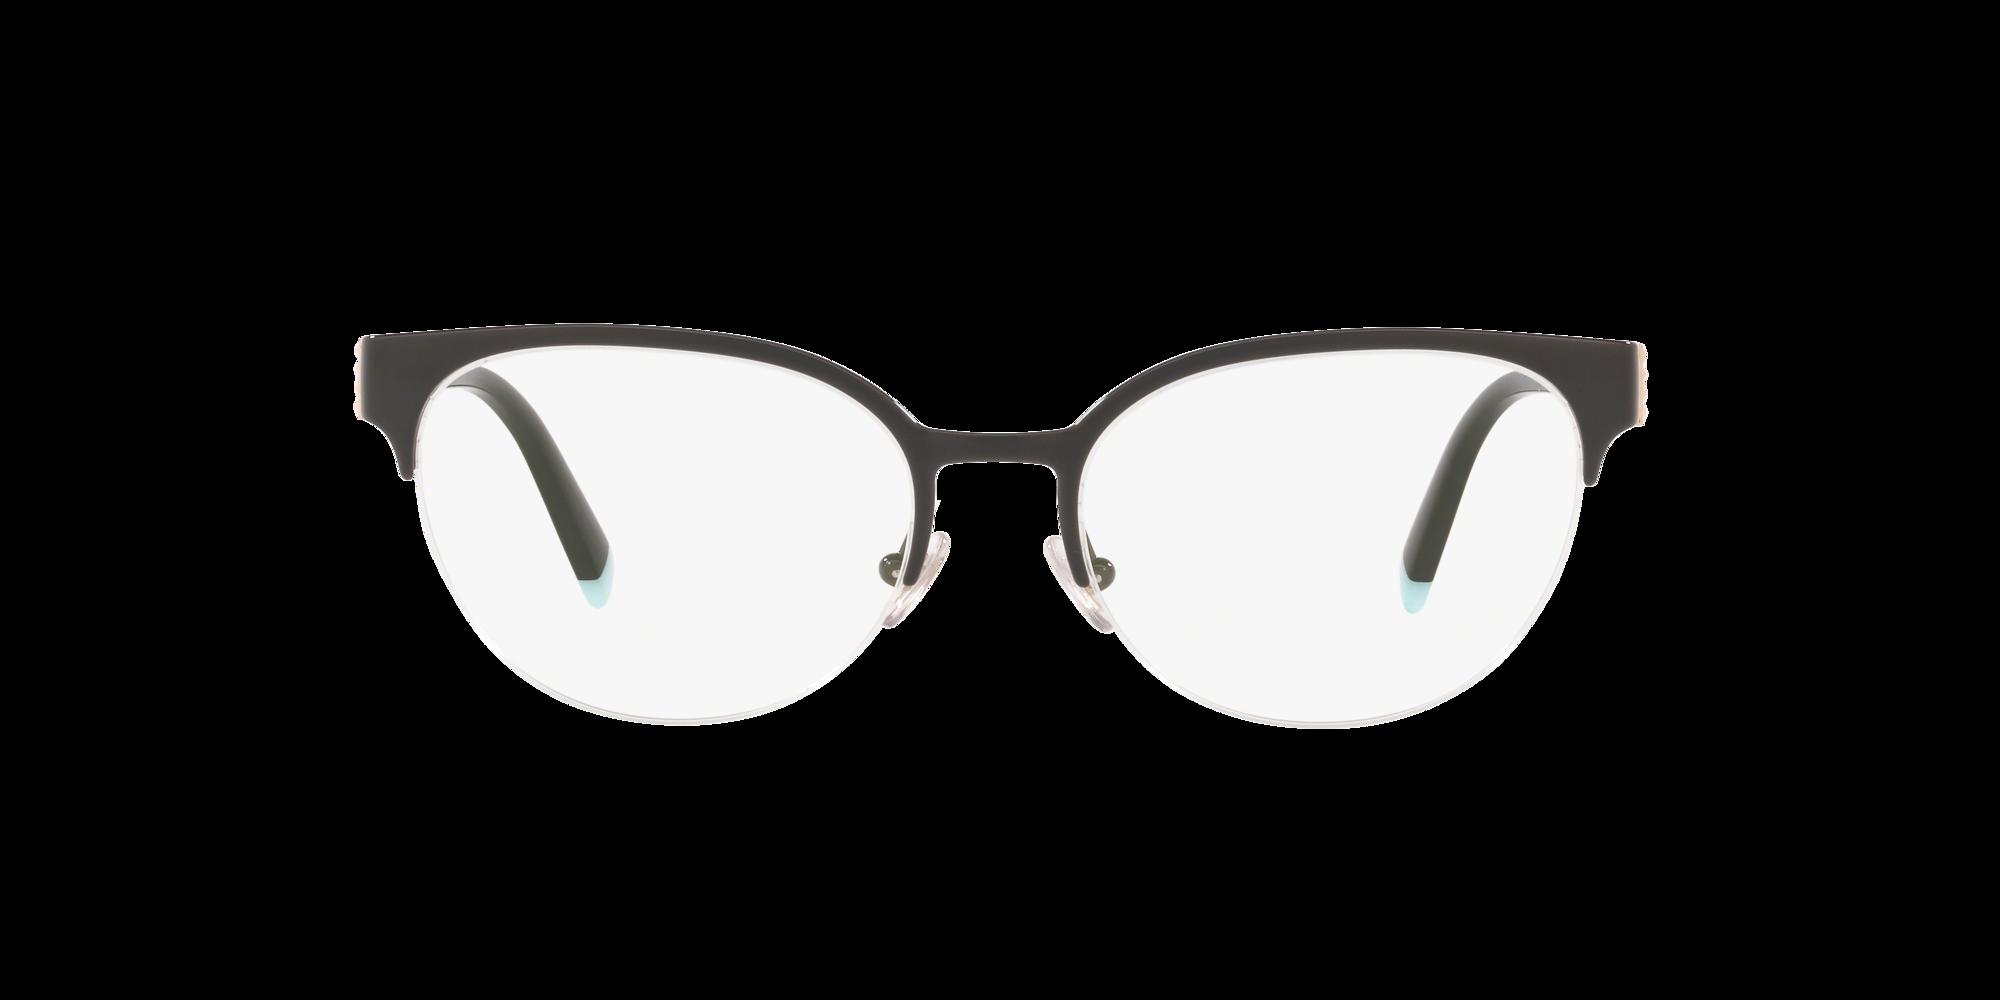 Imagen para TF1133 de LensCrafters |  Espejuelos, espejuelos graduados en línea, gafas